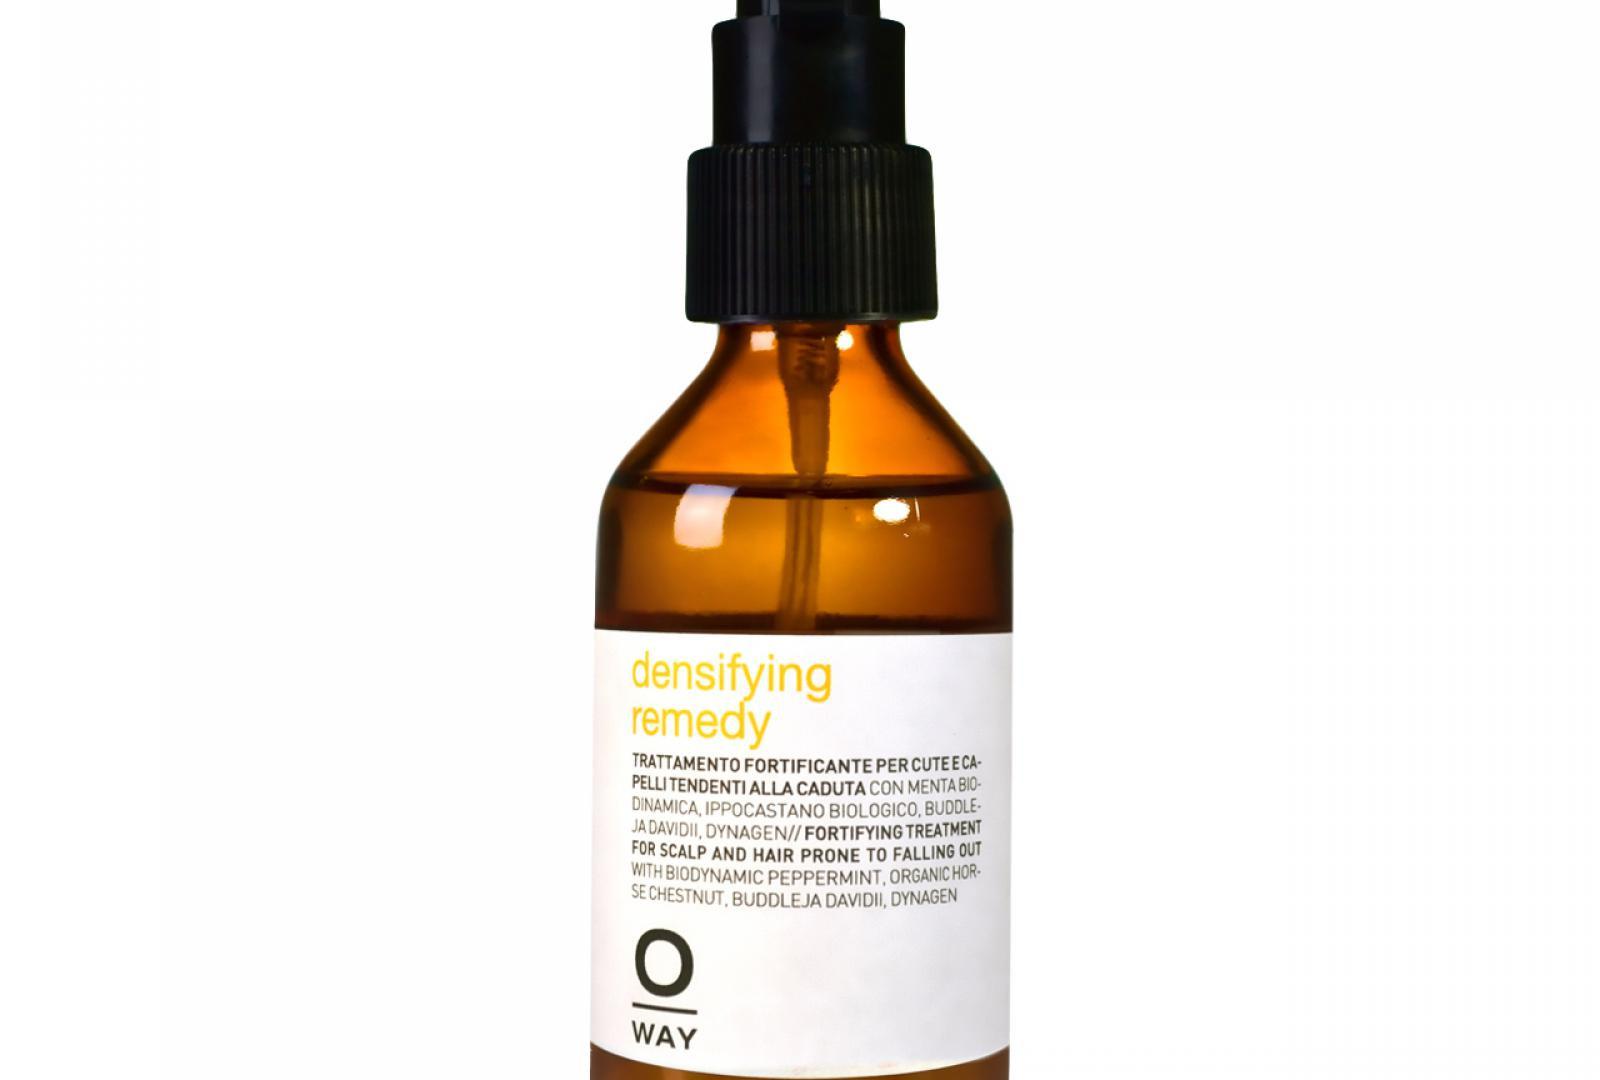 densifying_remedy_g.jpg